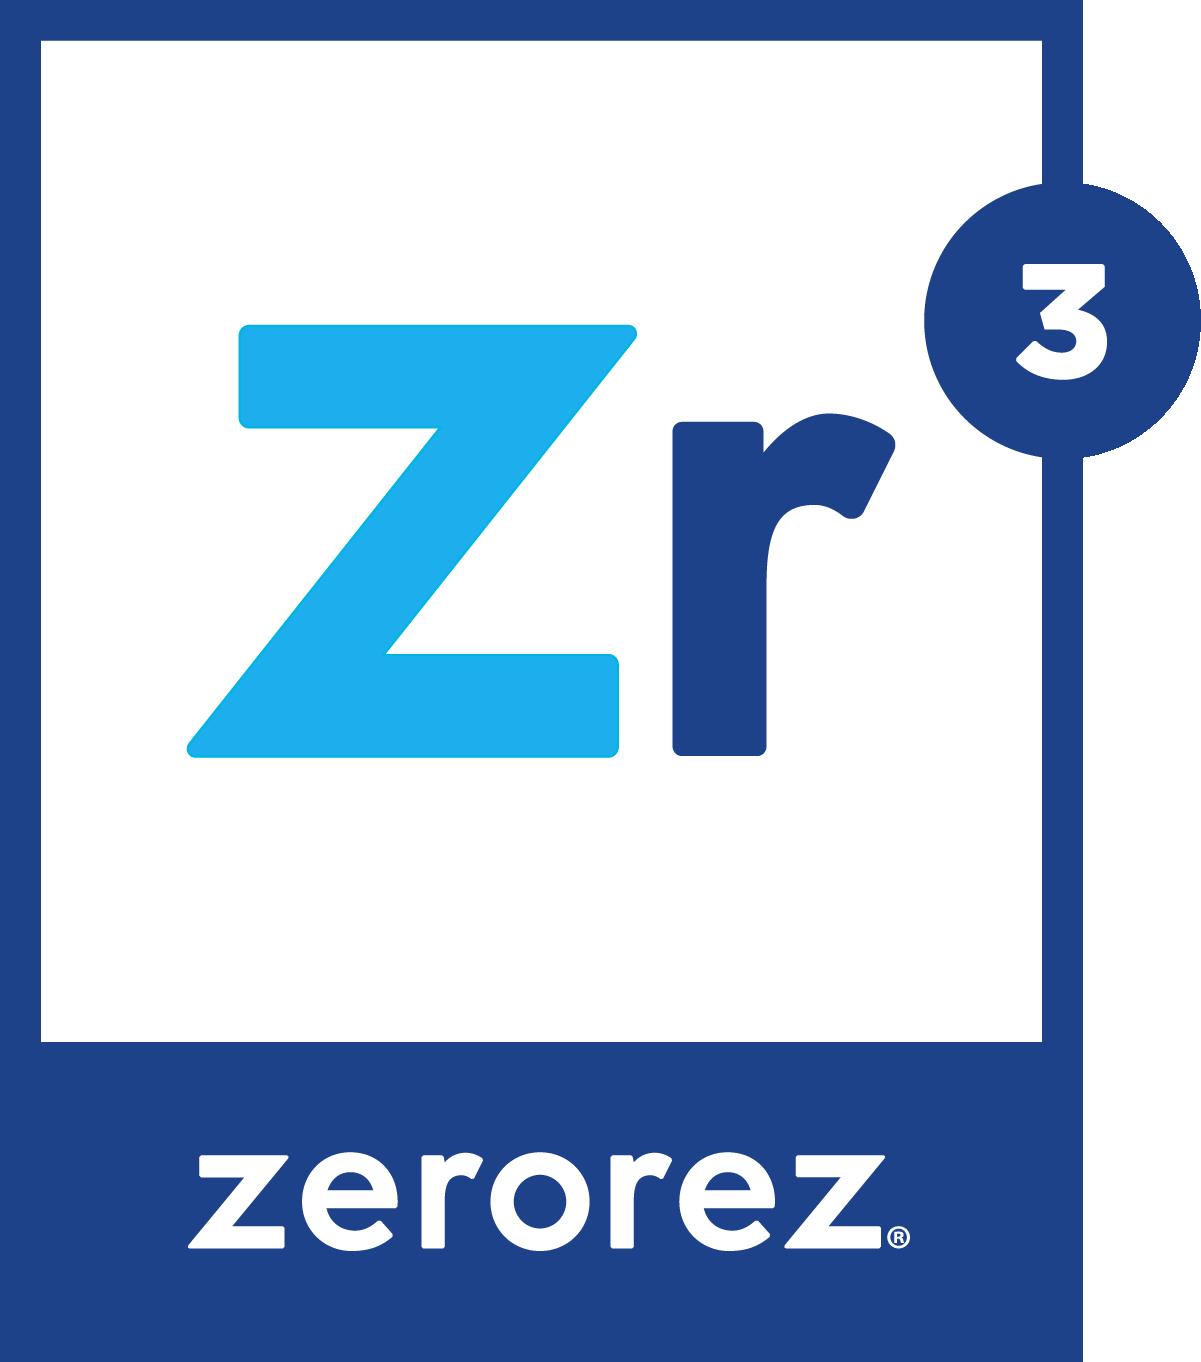 Zerorez Riverside/Inland Empire logo